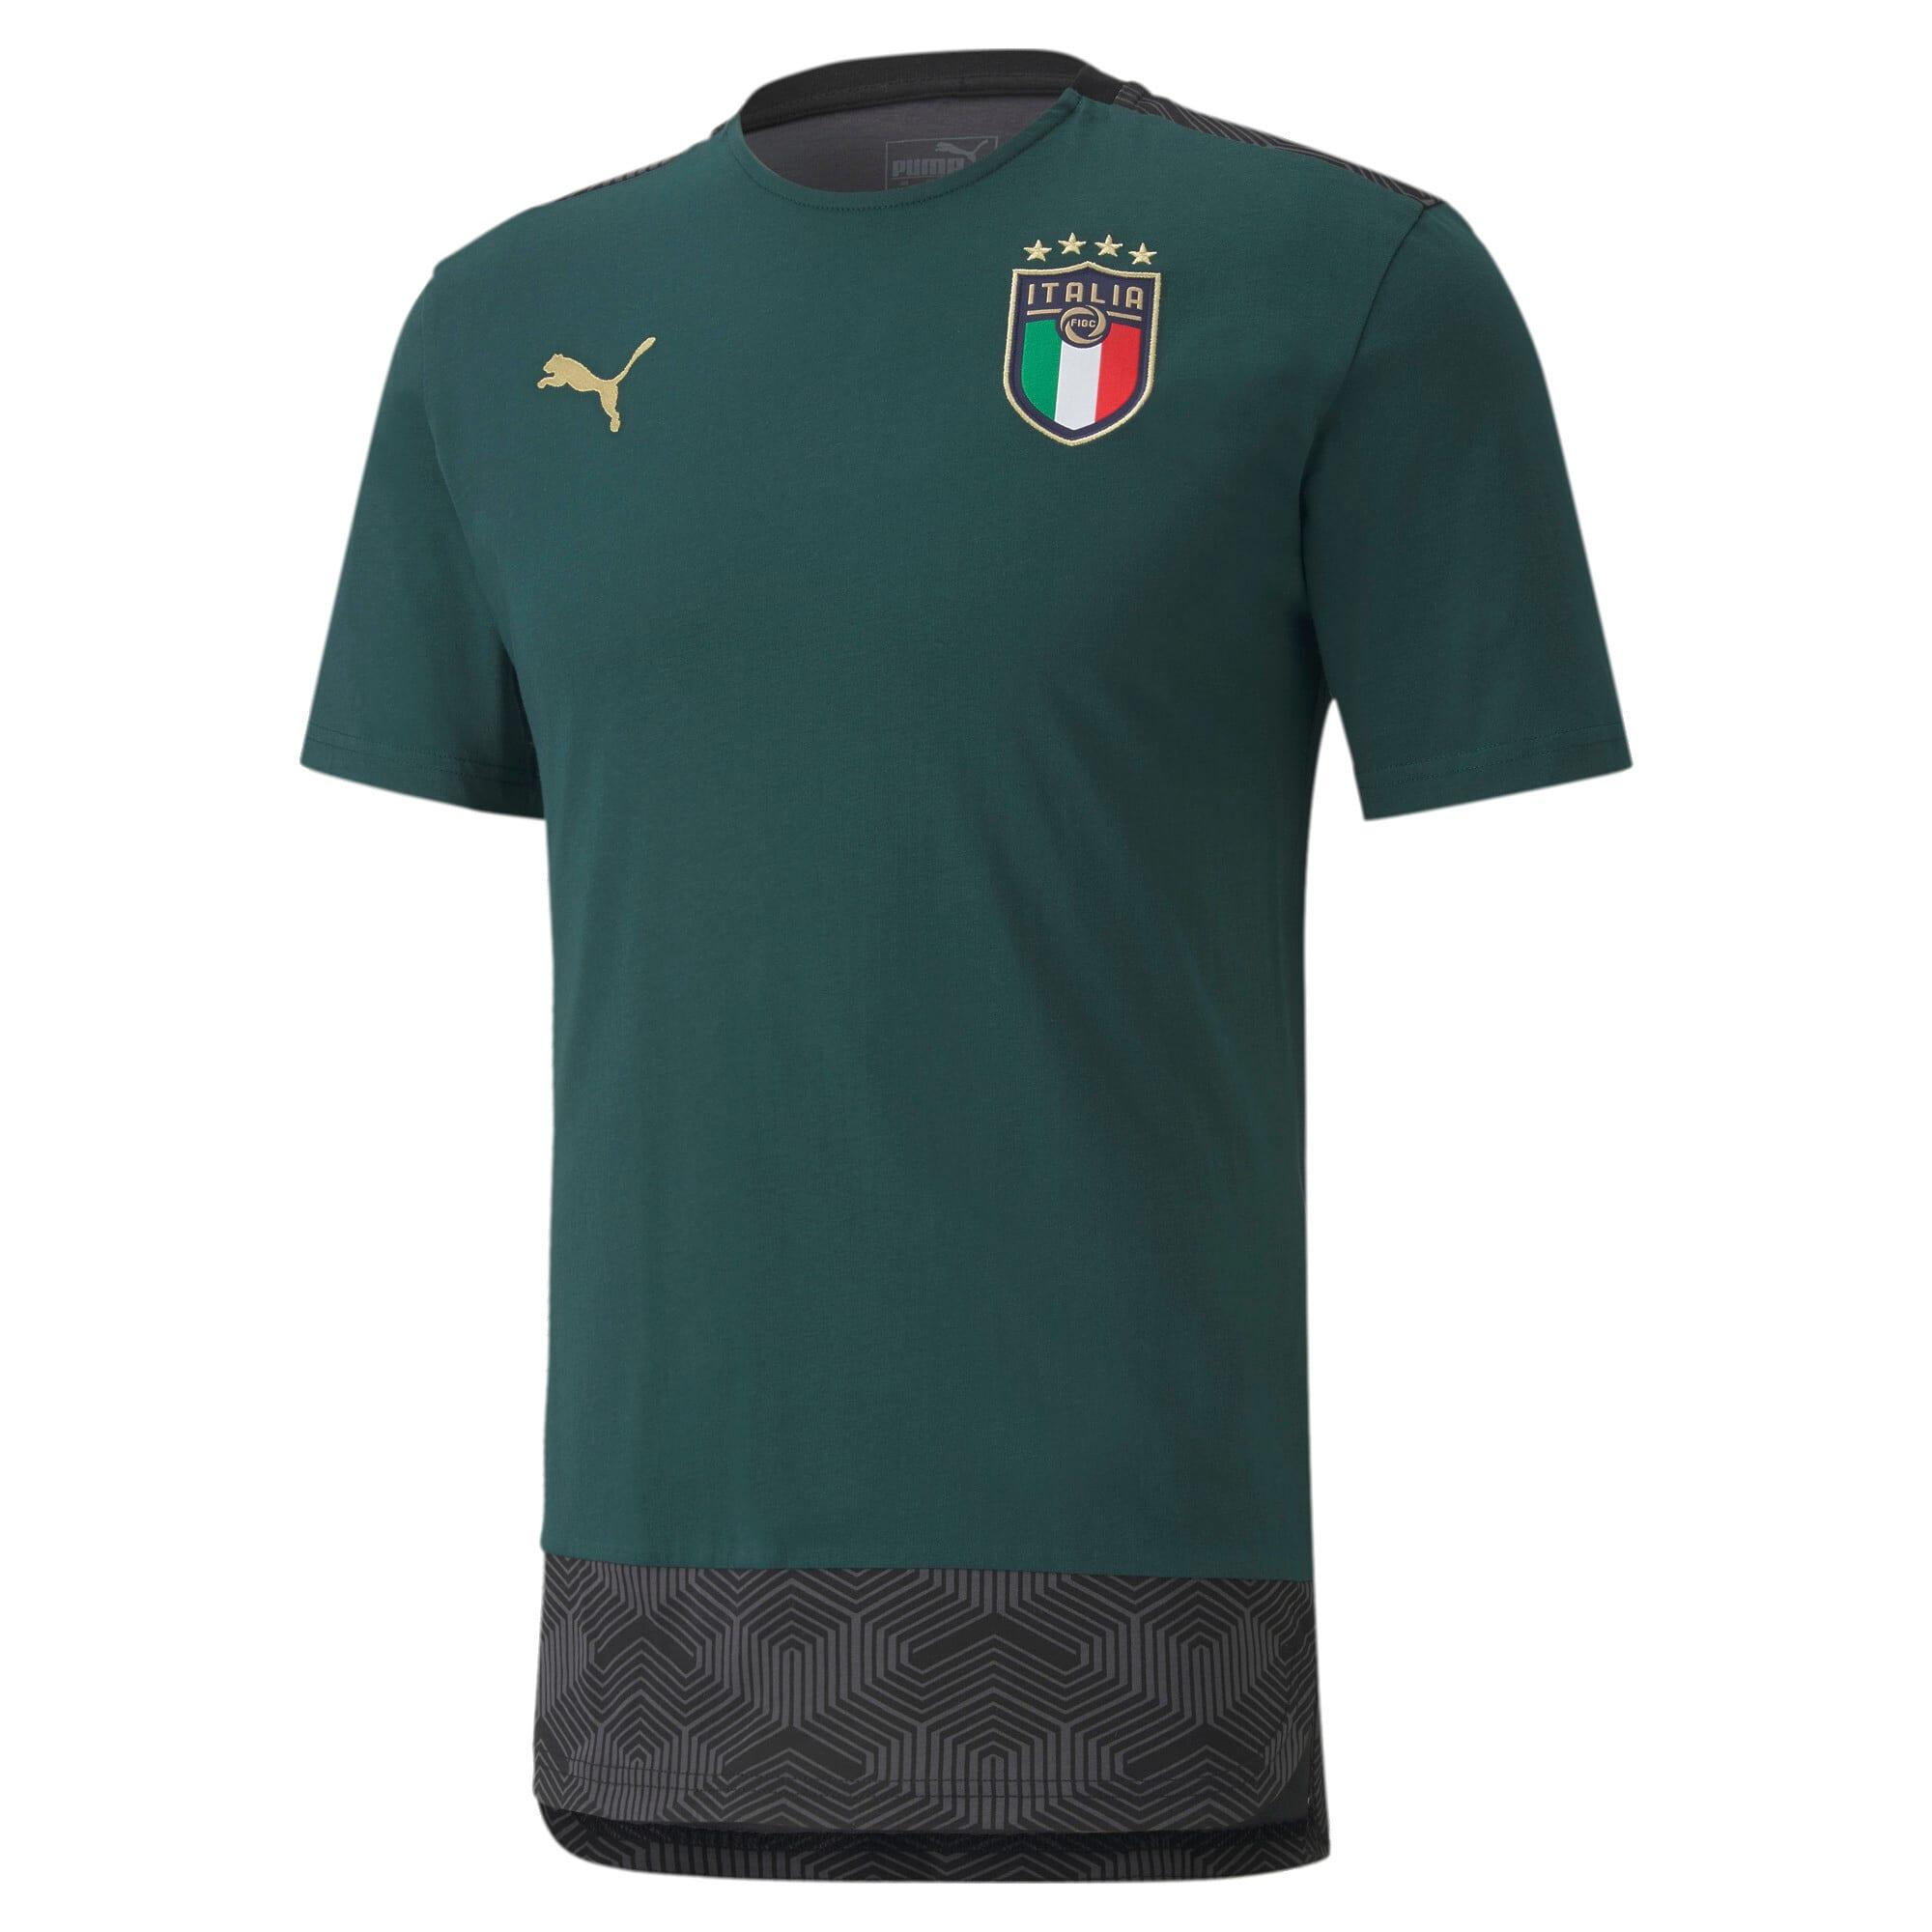 Thumbnail 1 of FIGC イタリア カジュアル Tシャツ 半袖, Ponderosa Pine-Peacoat, medium-JPN